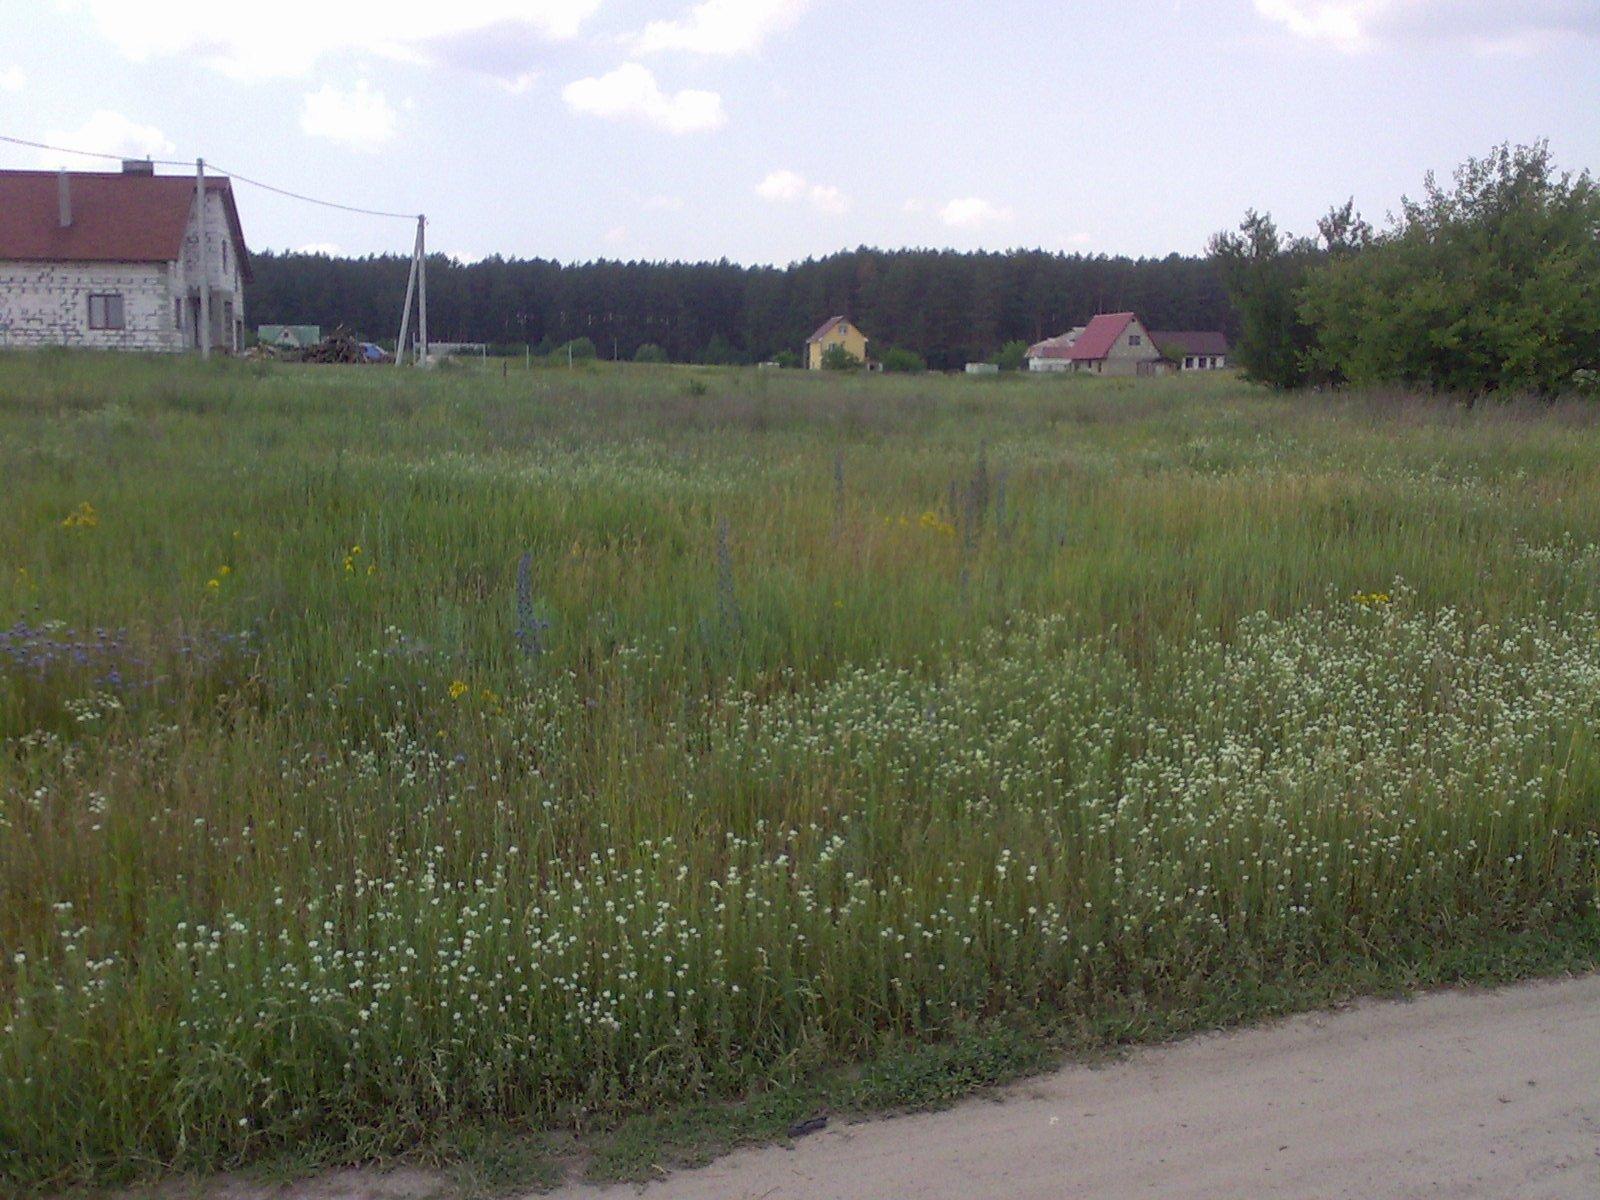 Фото: Продам земельну ділянку в місті Блиставиця. Оголошення № 4105